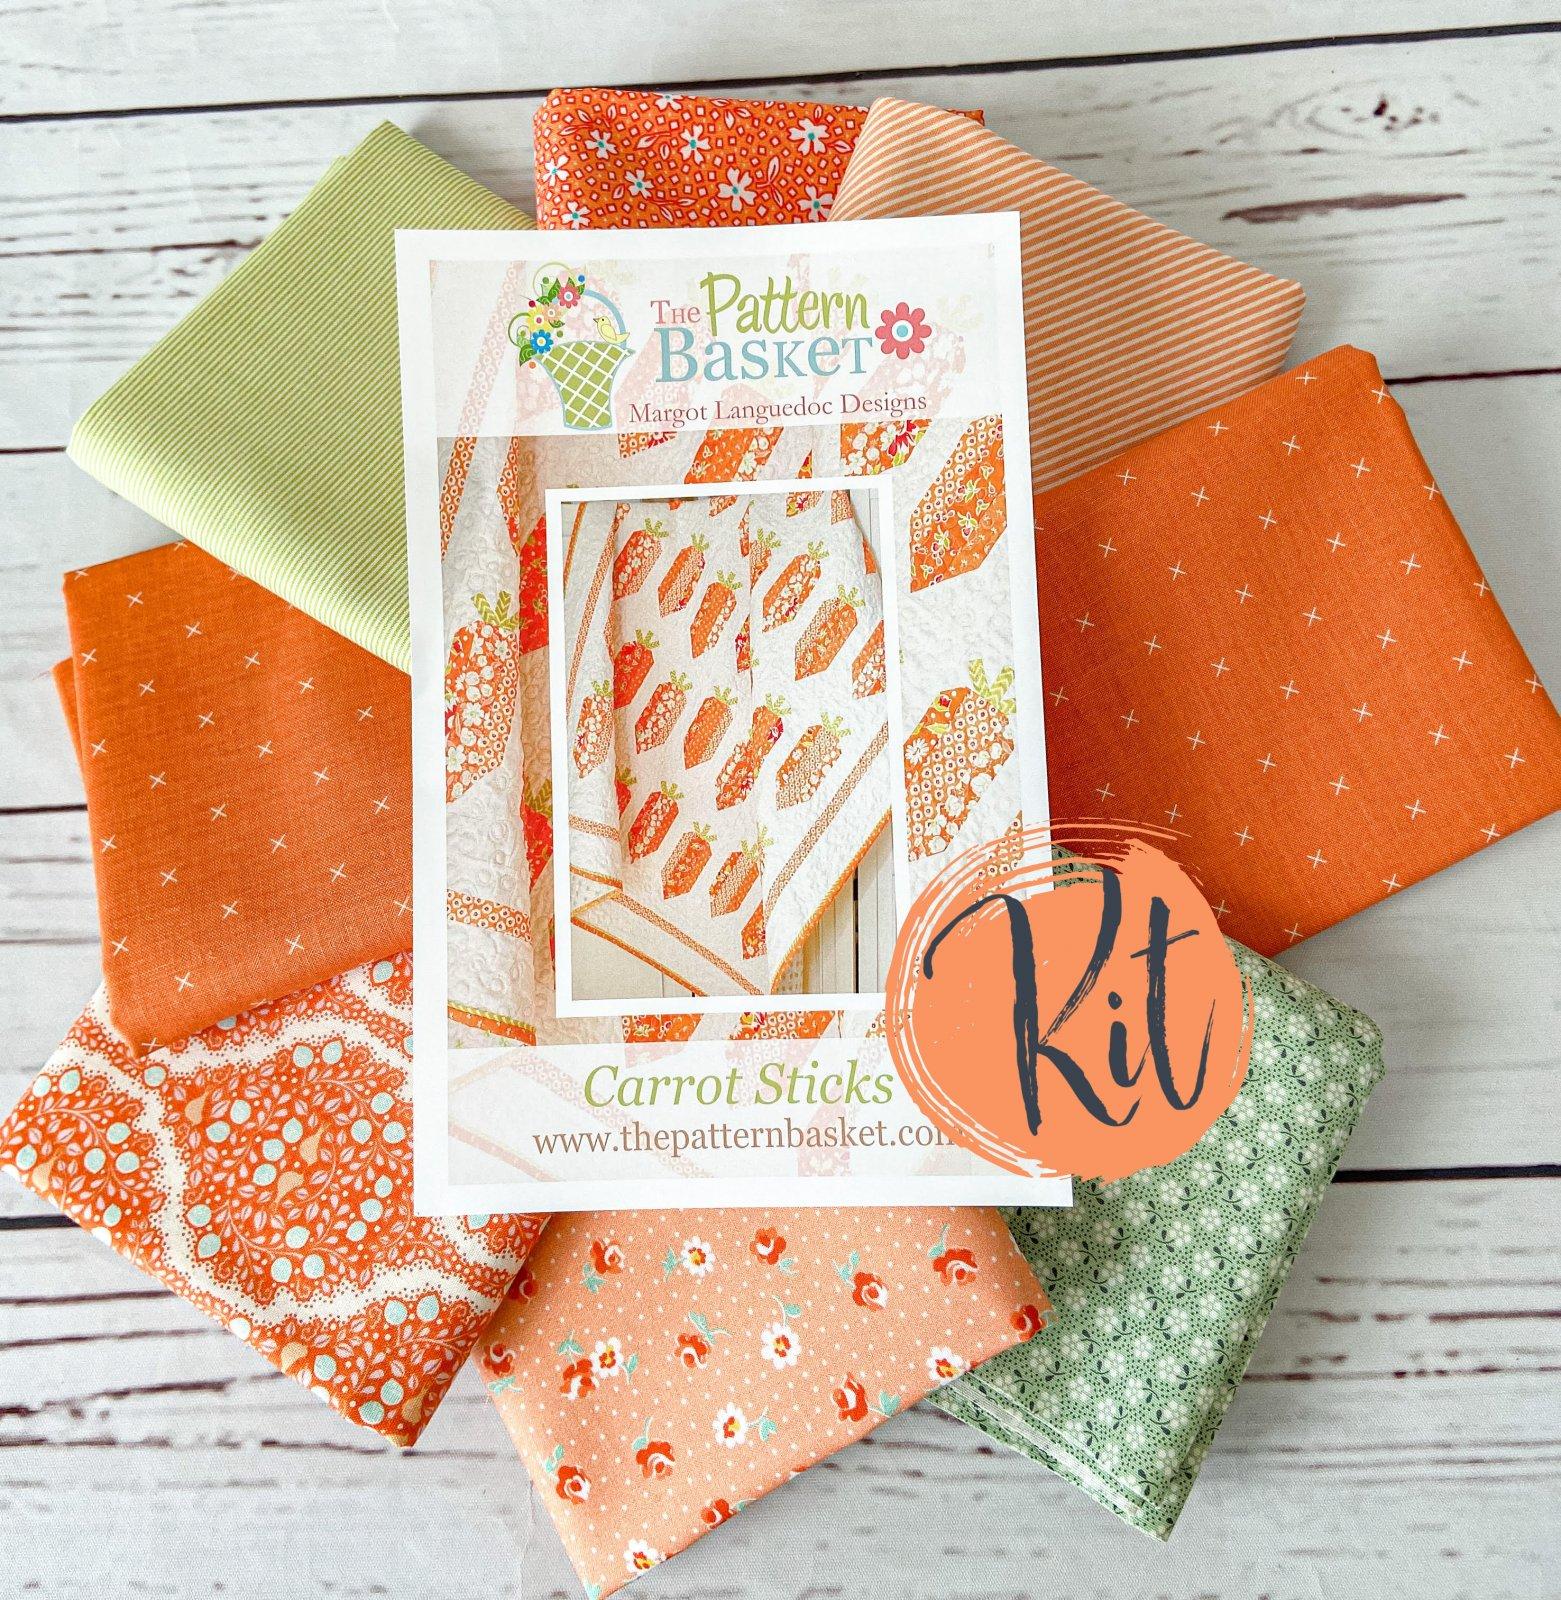 Carrot Sticks Quilt Kit